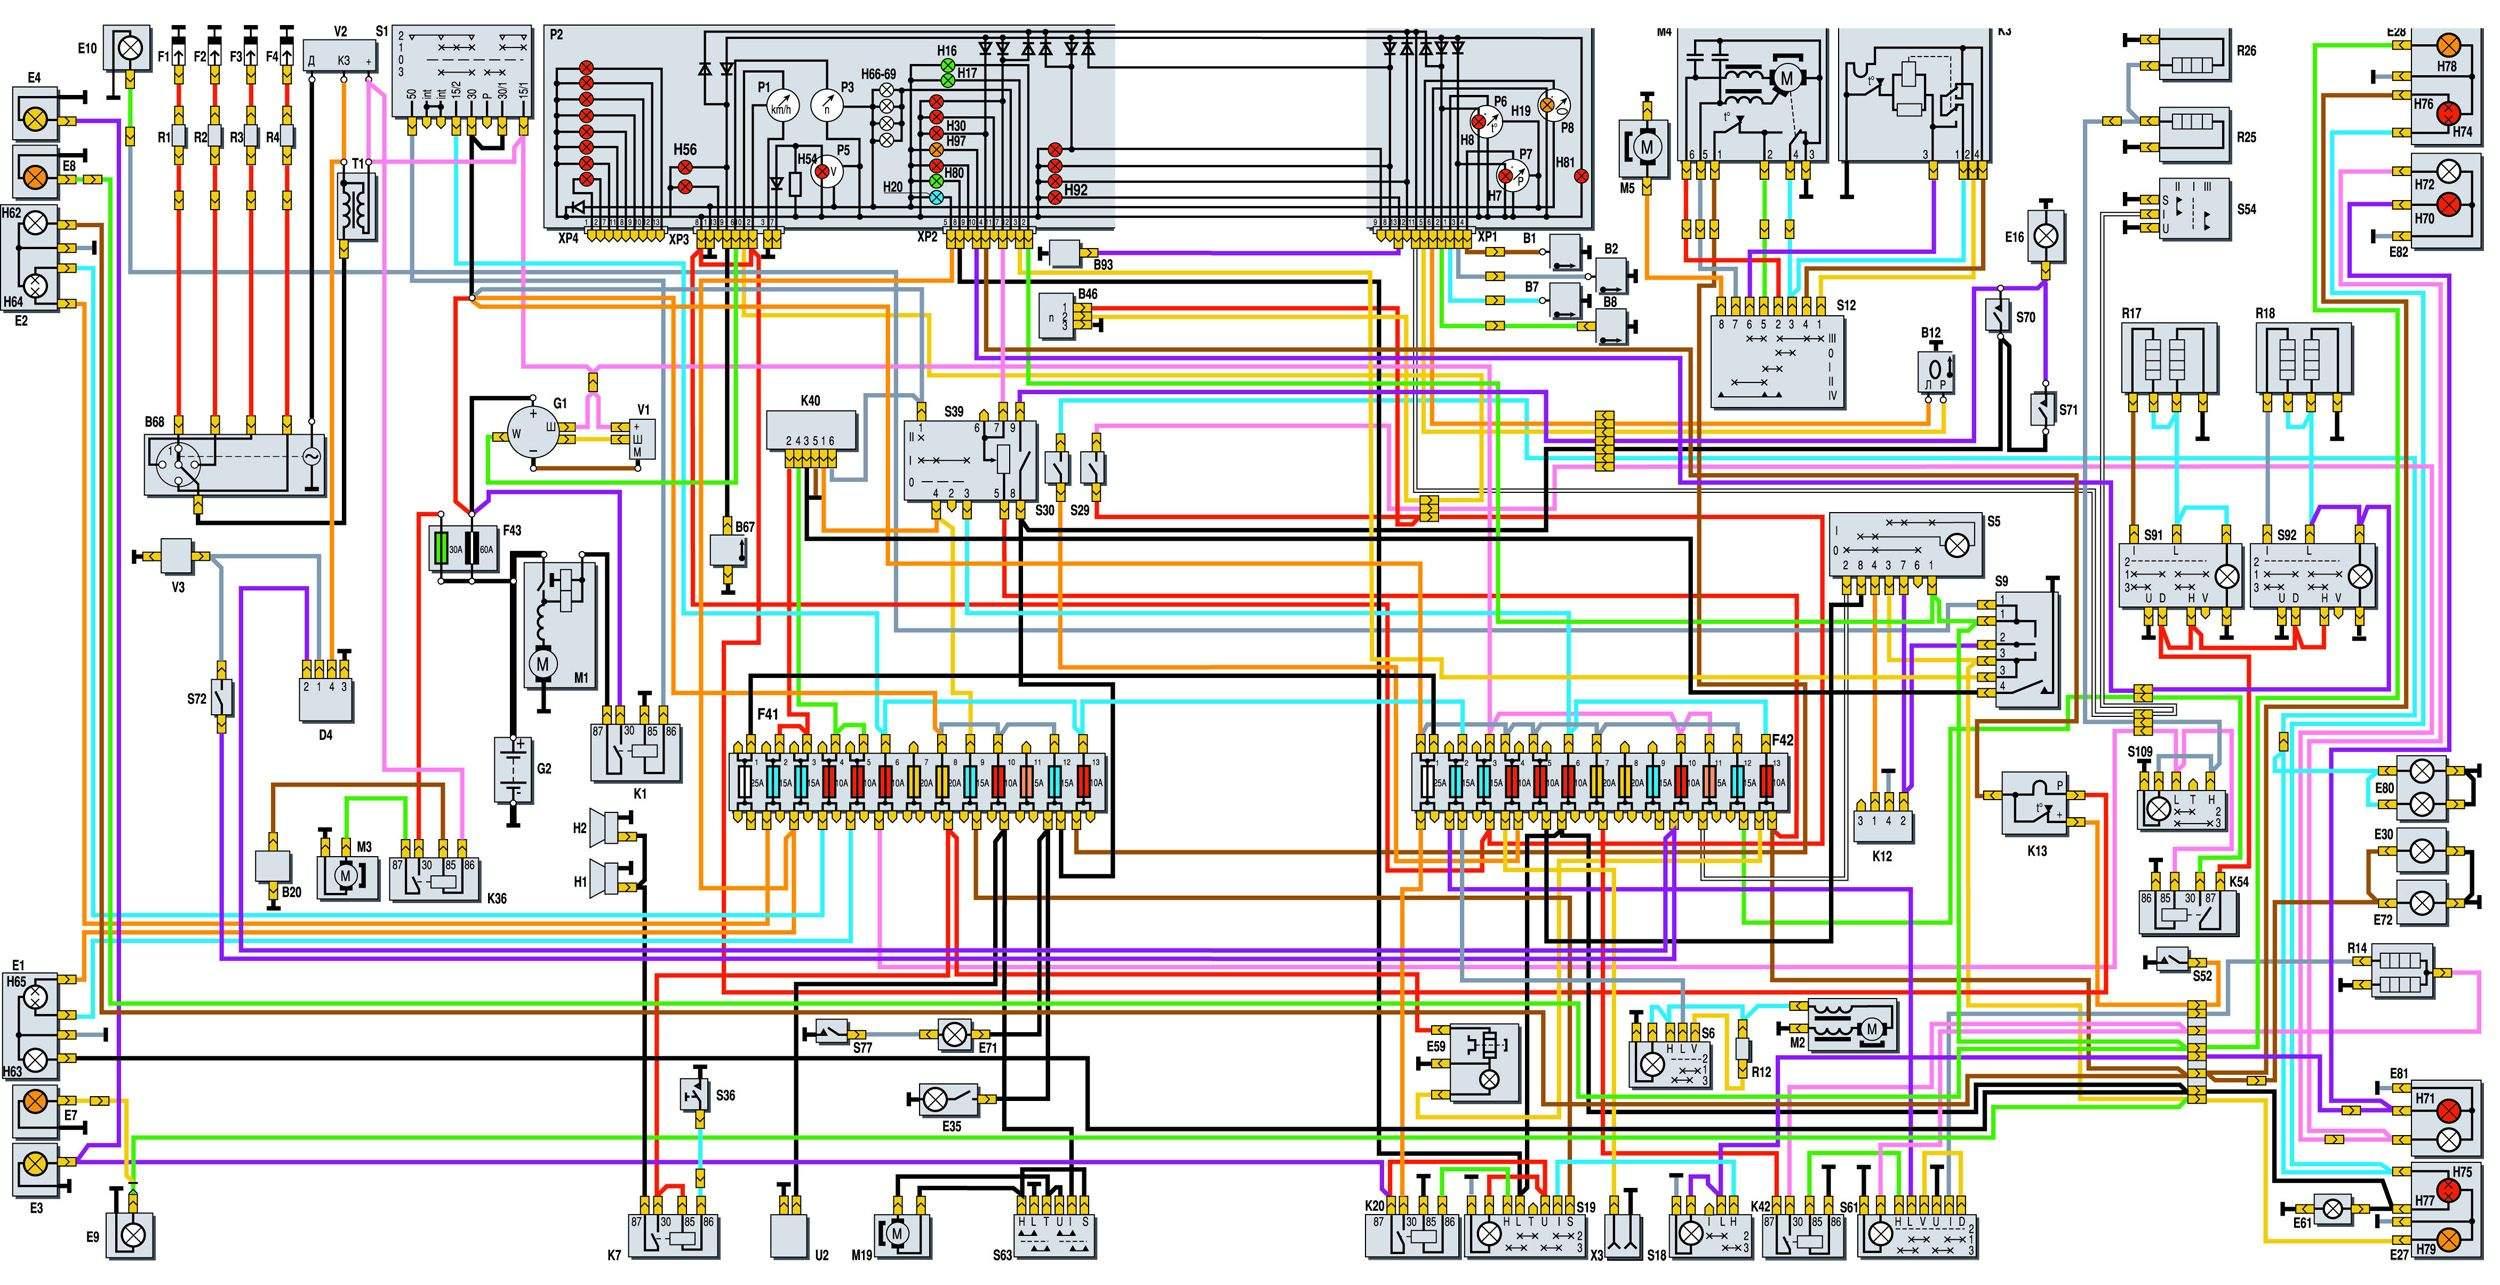 Газ 3110 1999 года схема электрическая